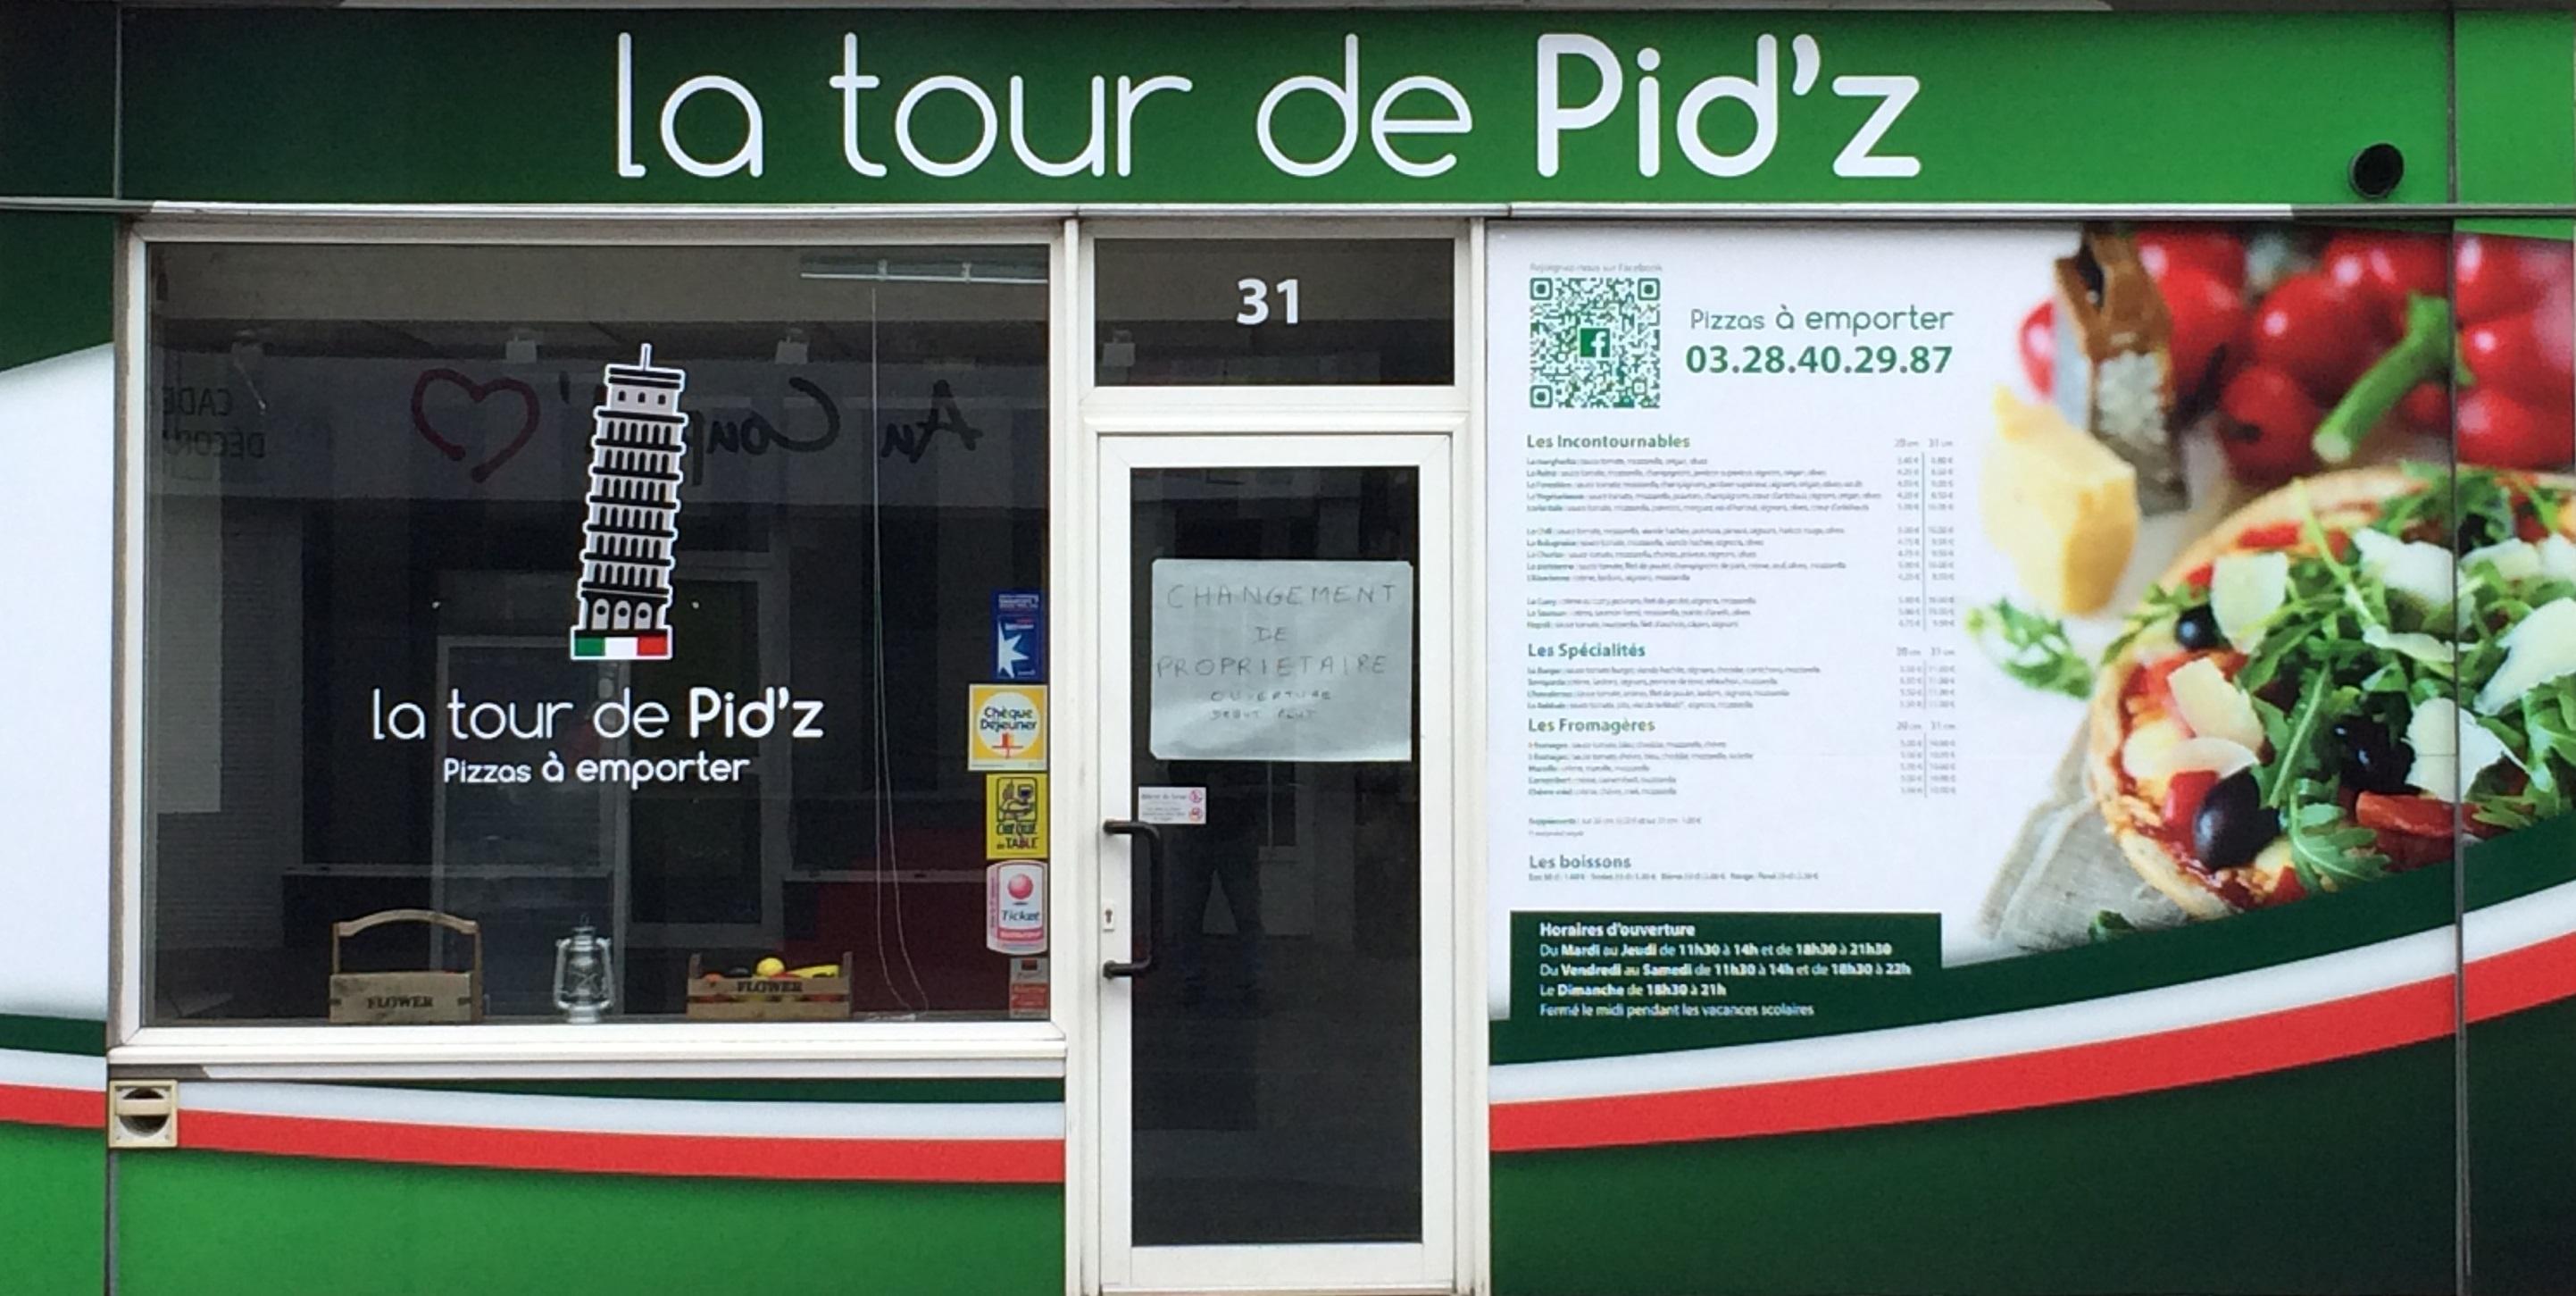 Pizzeria La TOUR DE PIDZ